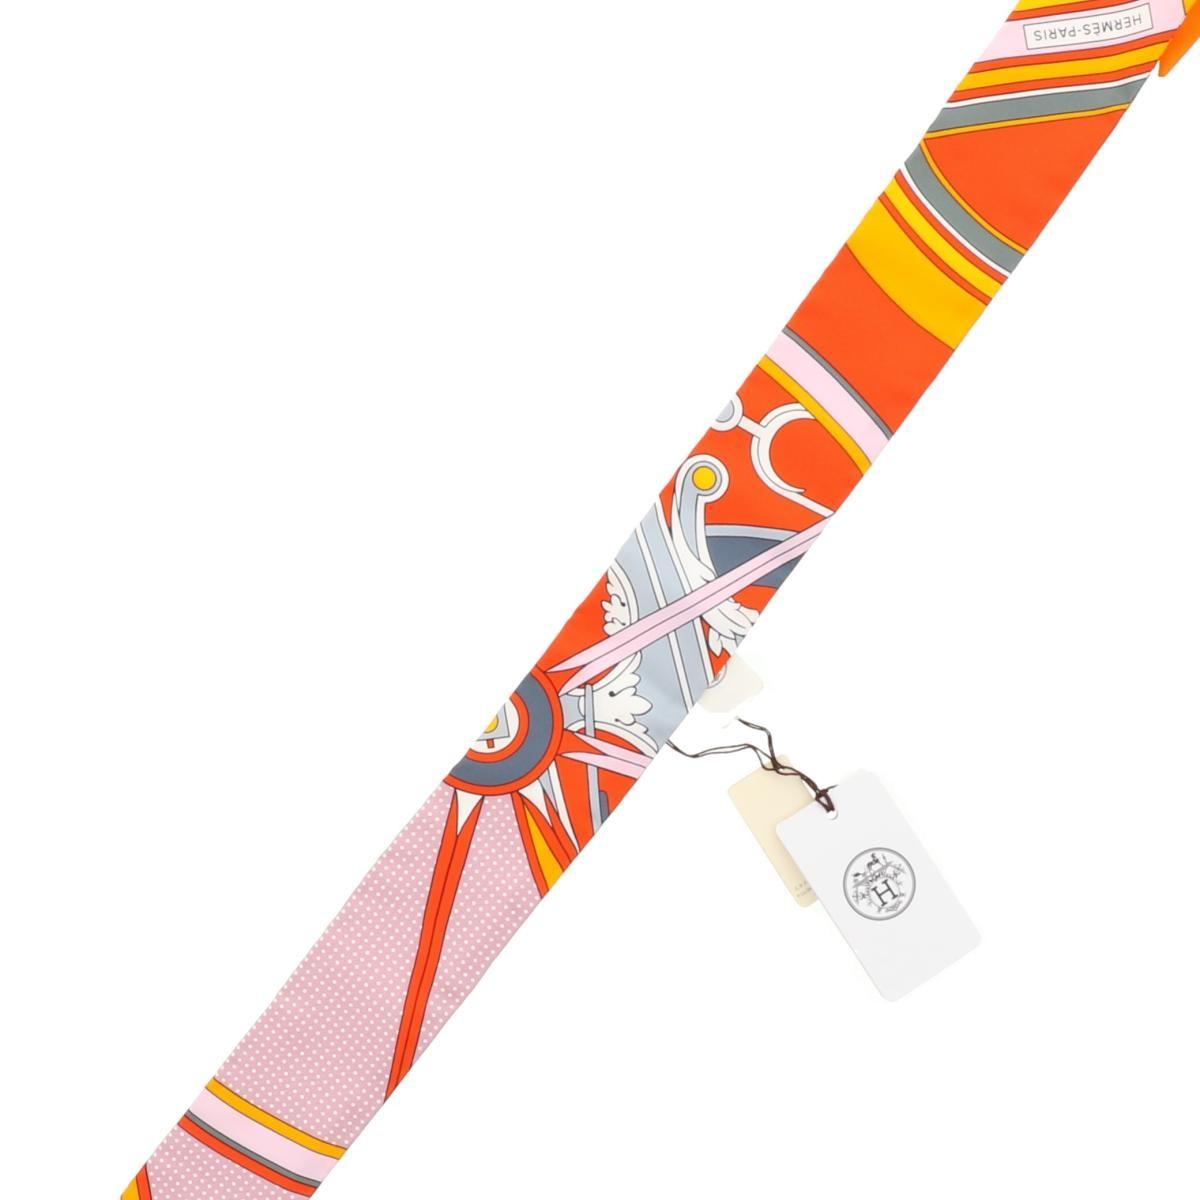 【即日発送・水曜定休日・木曜発送】【極上品】【中古】【RI】 HERMES (エルメス) ツイリースカーフ 服飾 マフラー/スカーフ/ネクタイ Scarf Orange/オレンジ